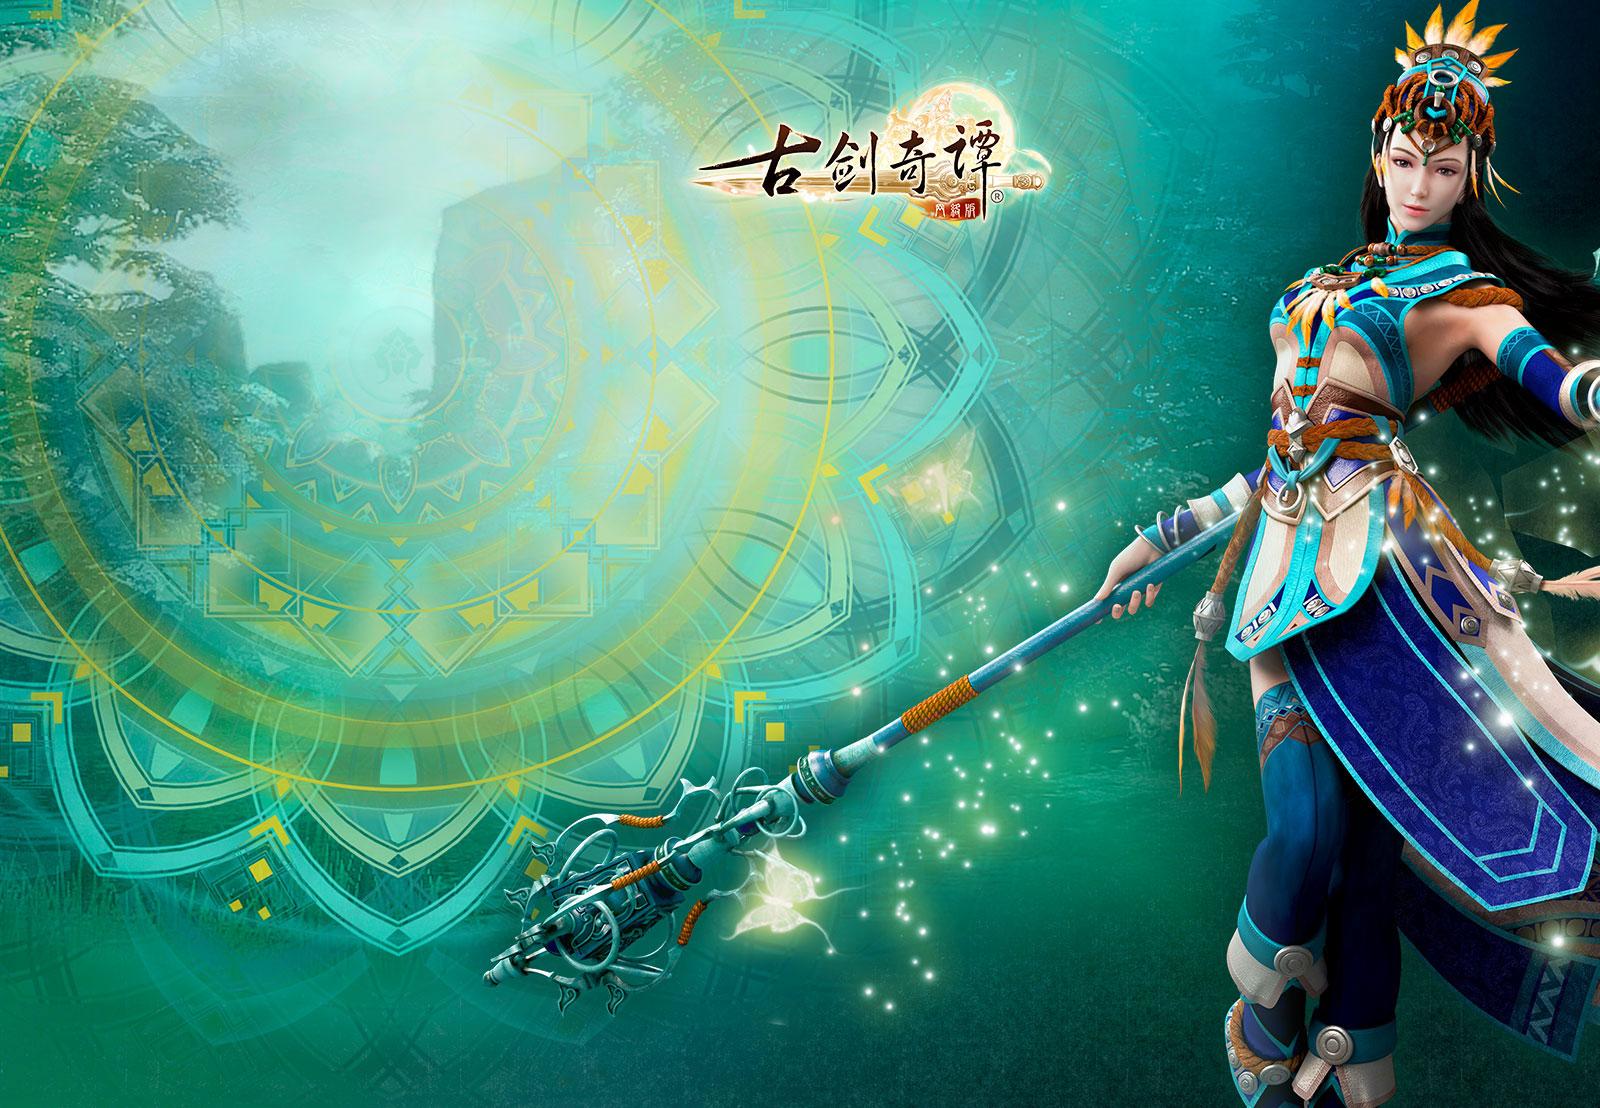 古剑奇谭网络版图片——新浪微博壁纸1